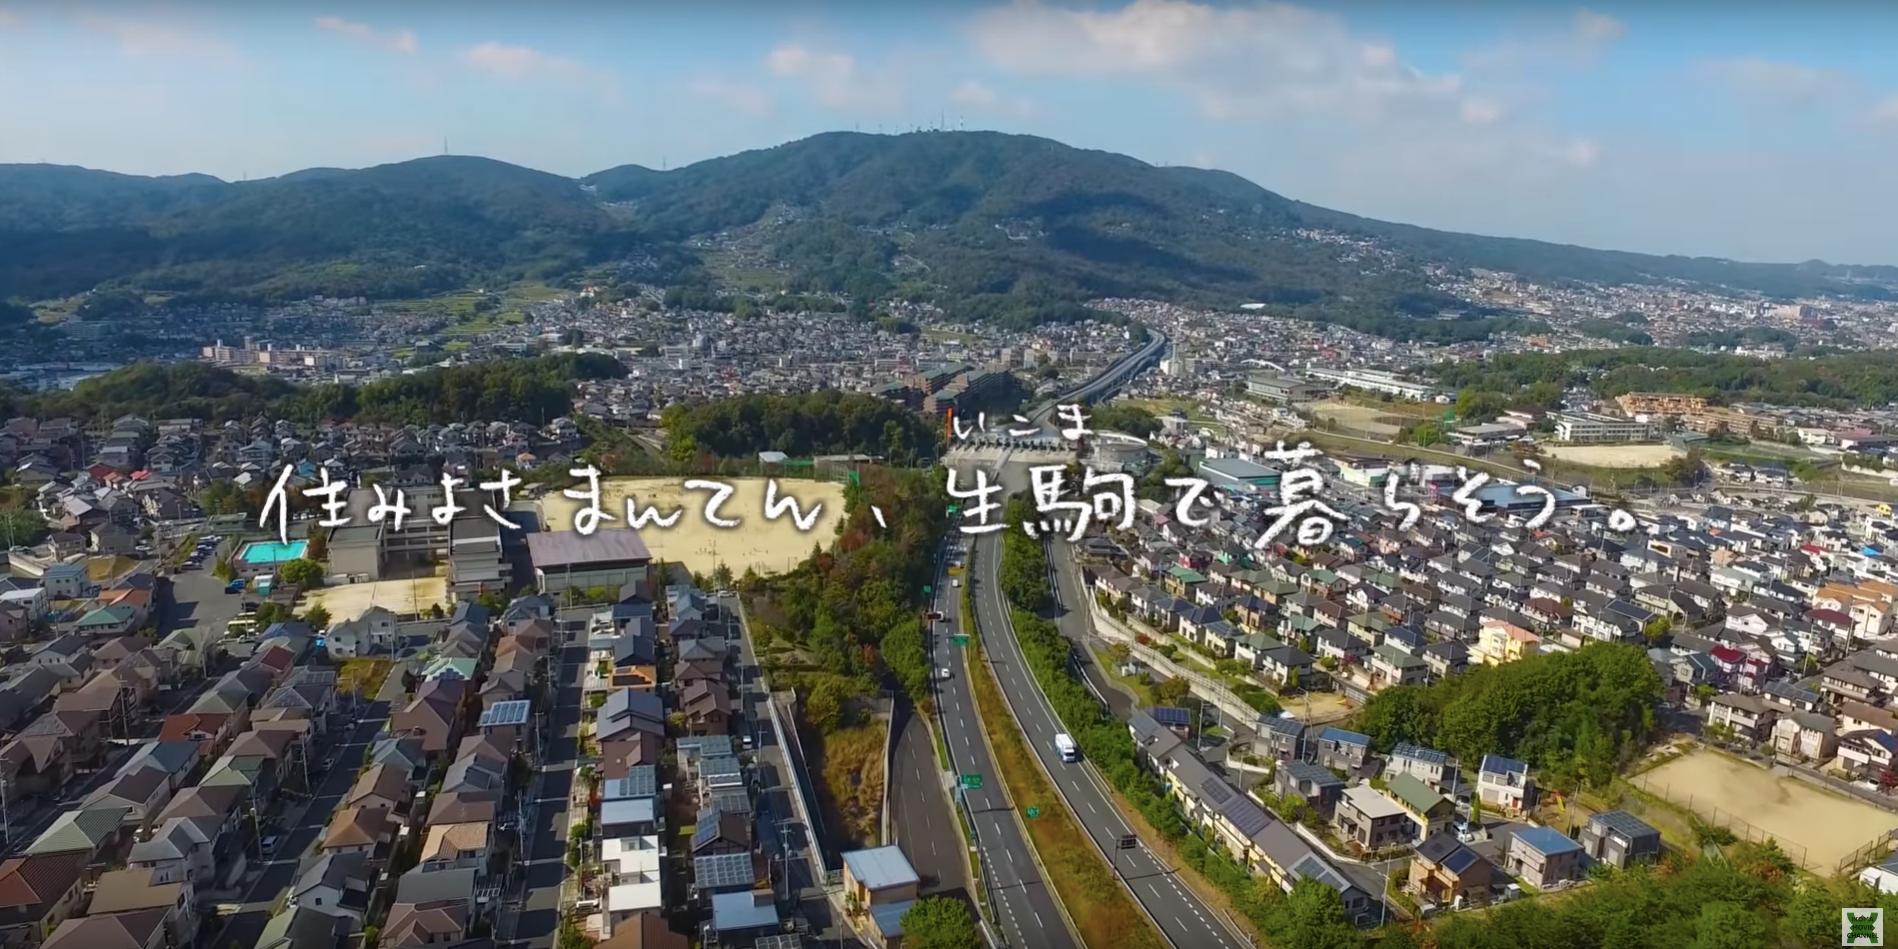 生駒市の転入促進をイメージしたPR動画の空撮を担当 | 8DRONE8